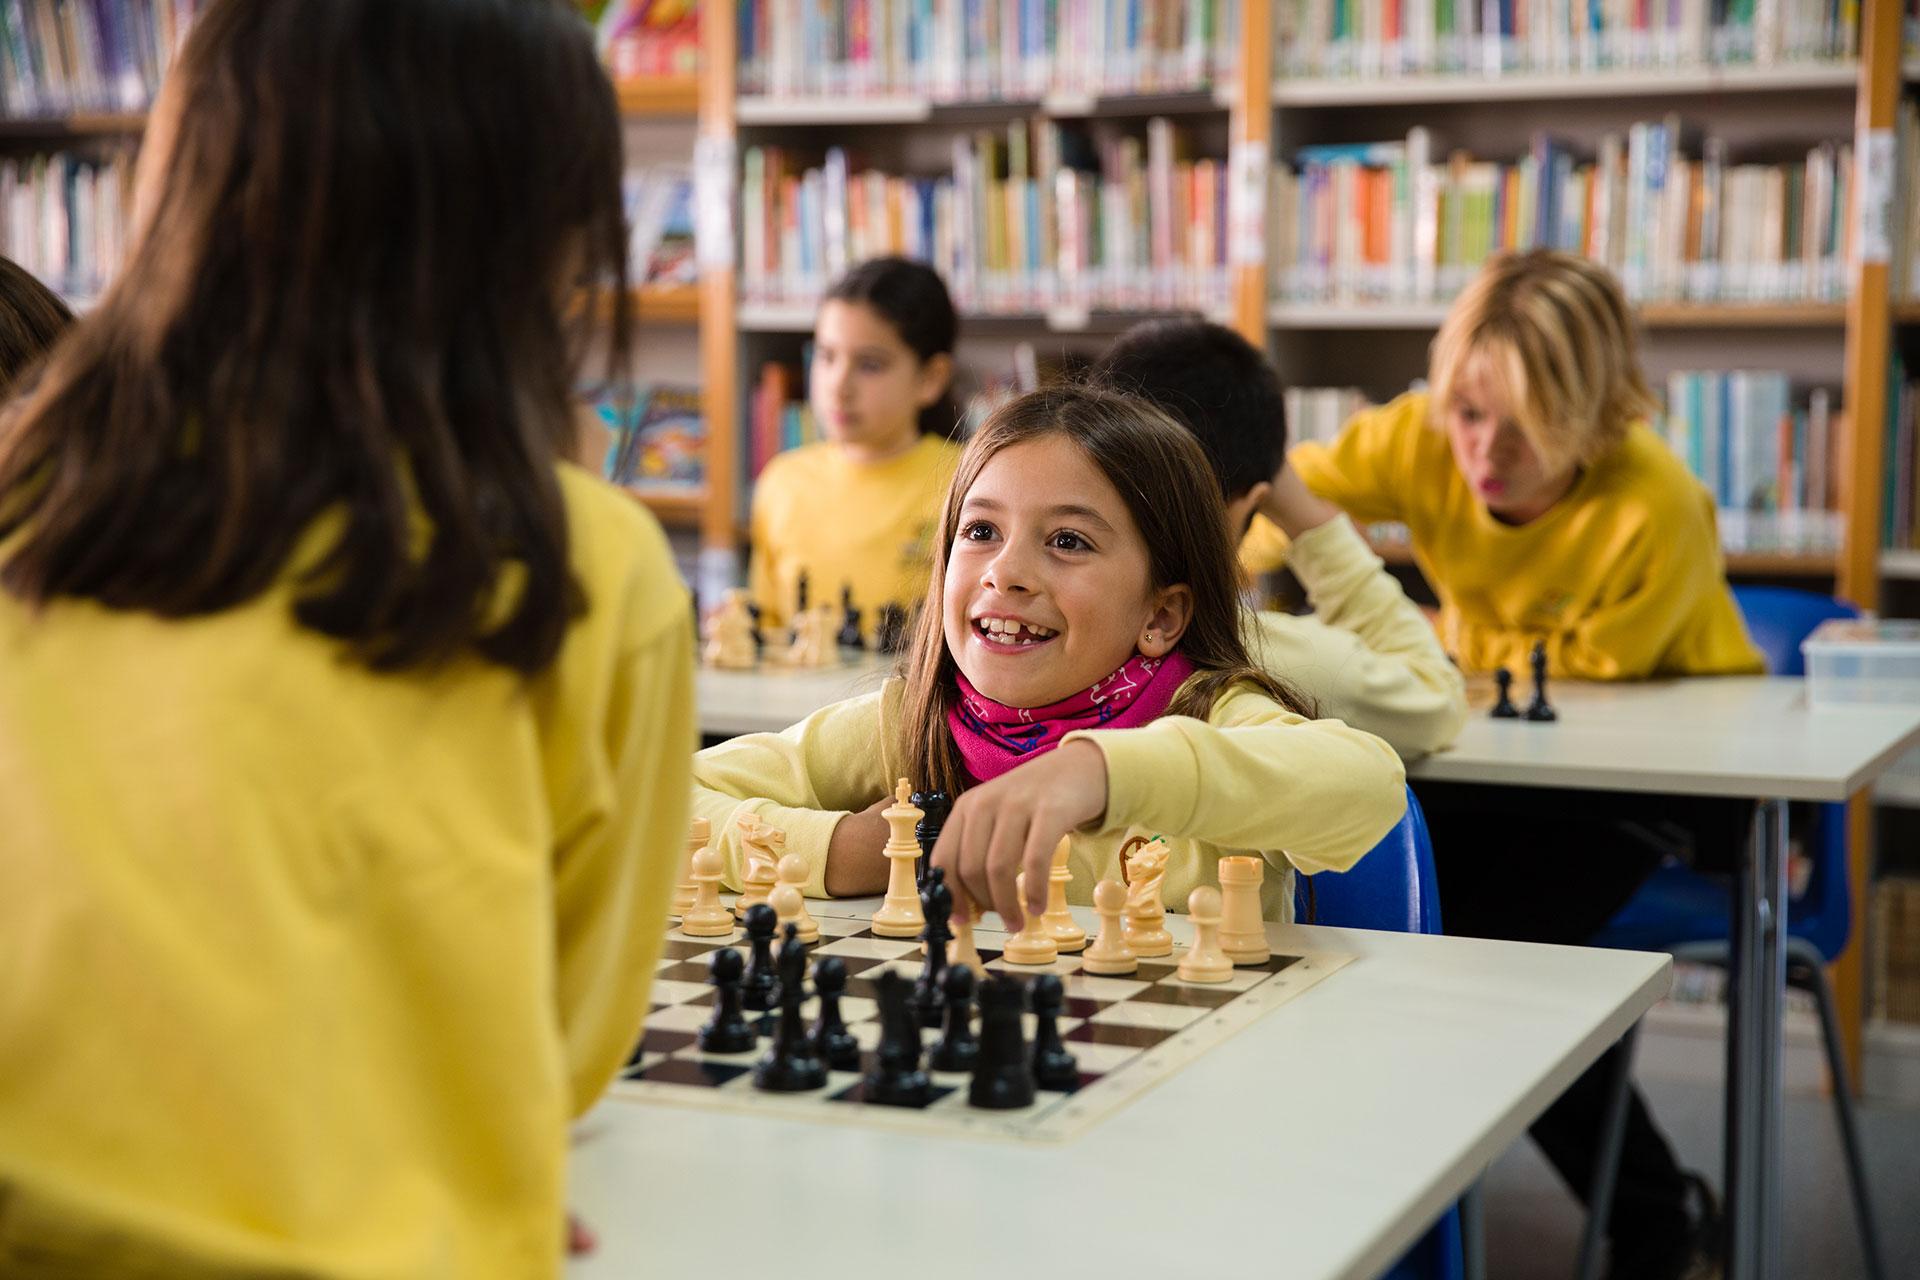 Activitat d'escacs, sudokus, jeroglífics... Col·legi Sant Vicenç